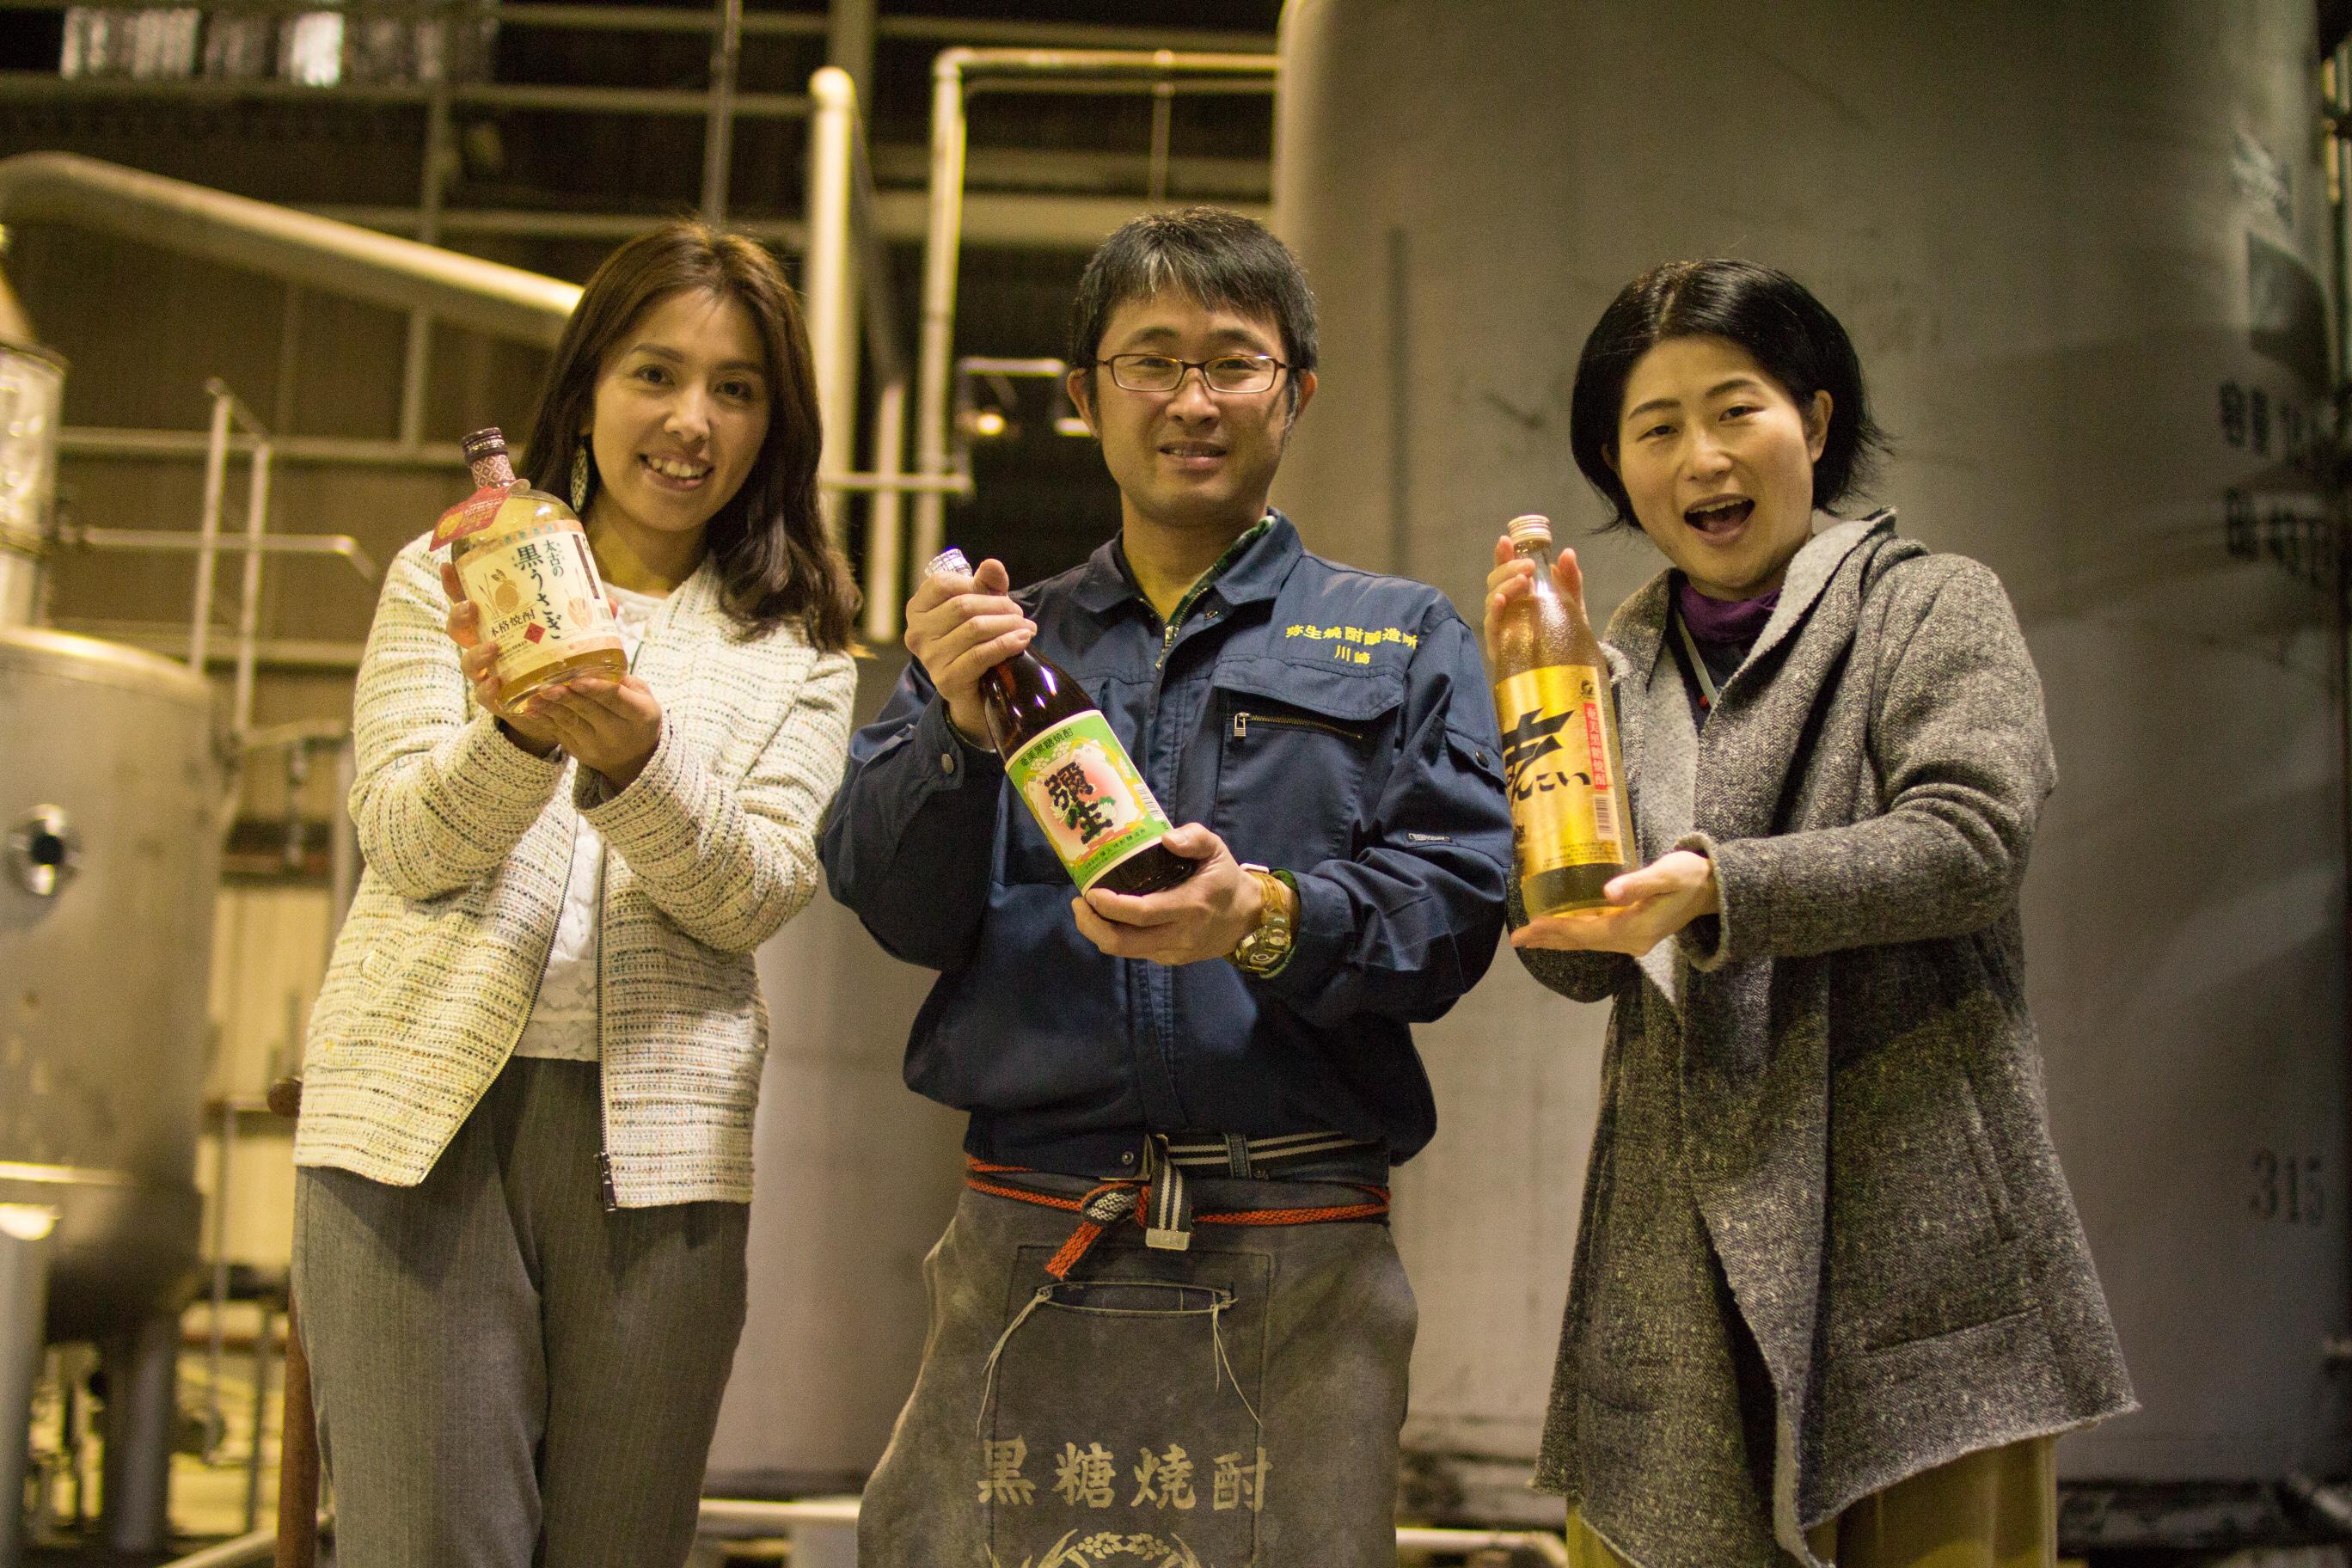 弥生焼酎醸造所の川崎さんと取材した女性2人